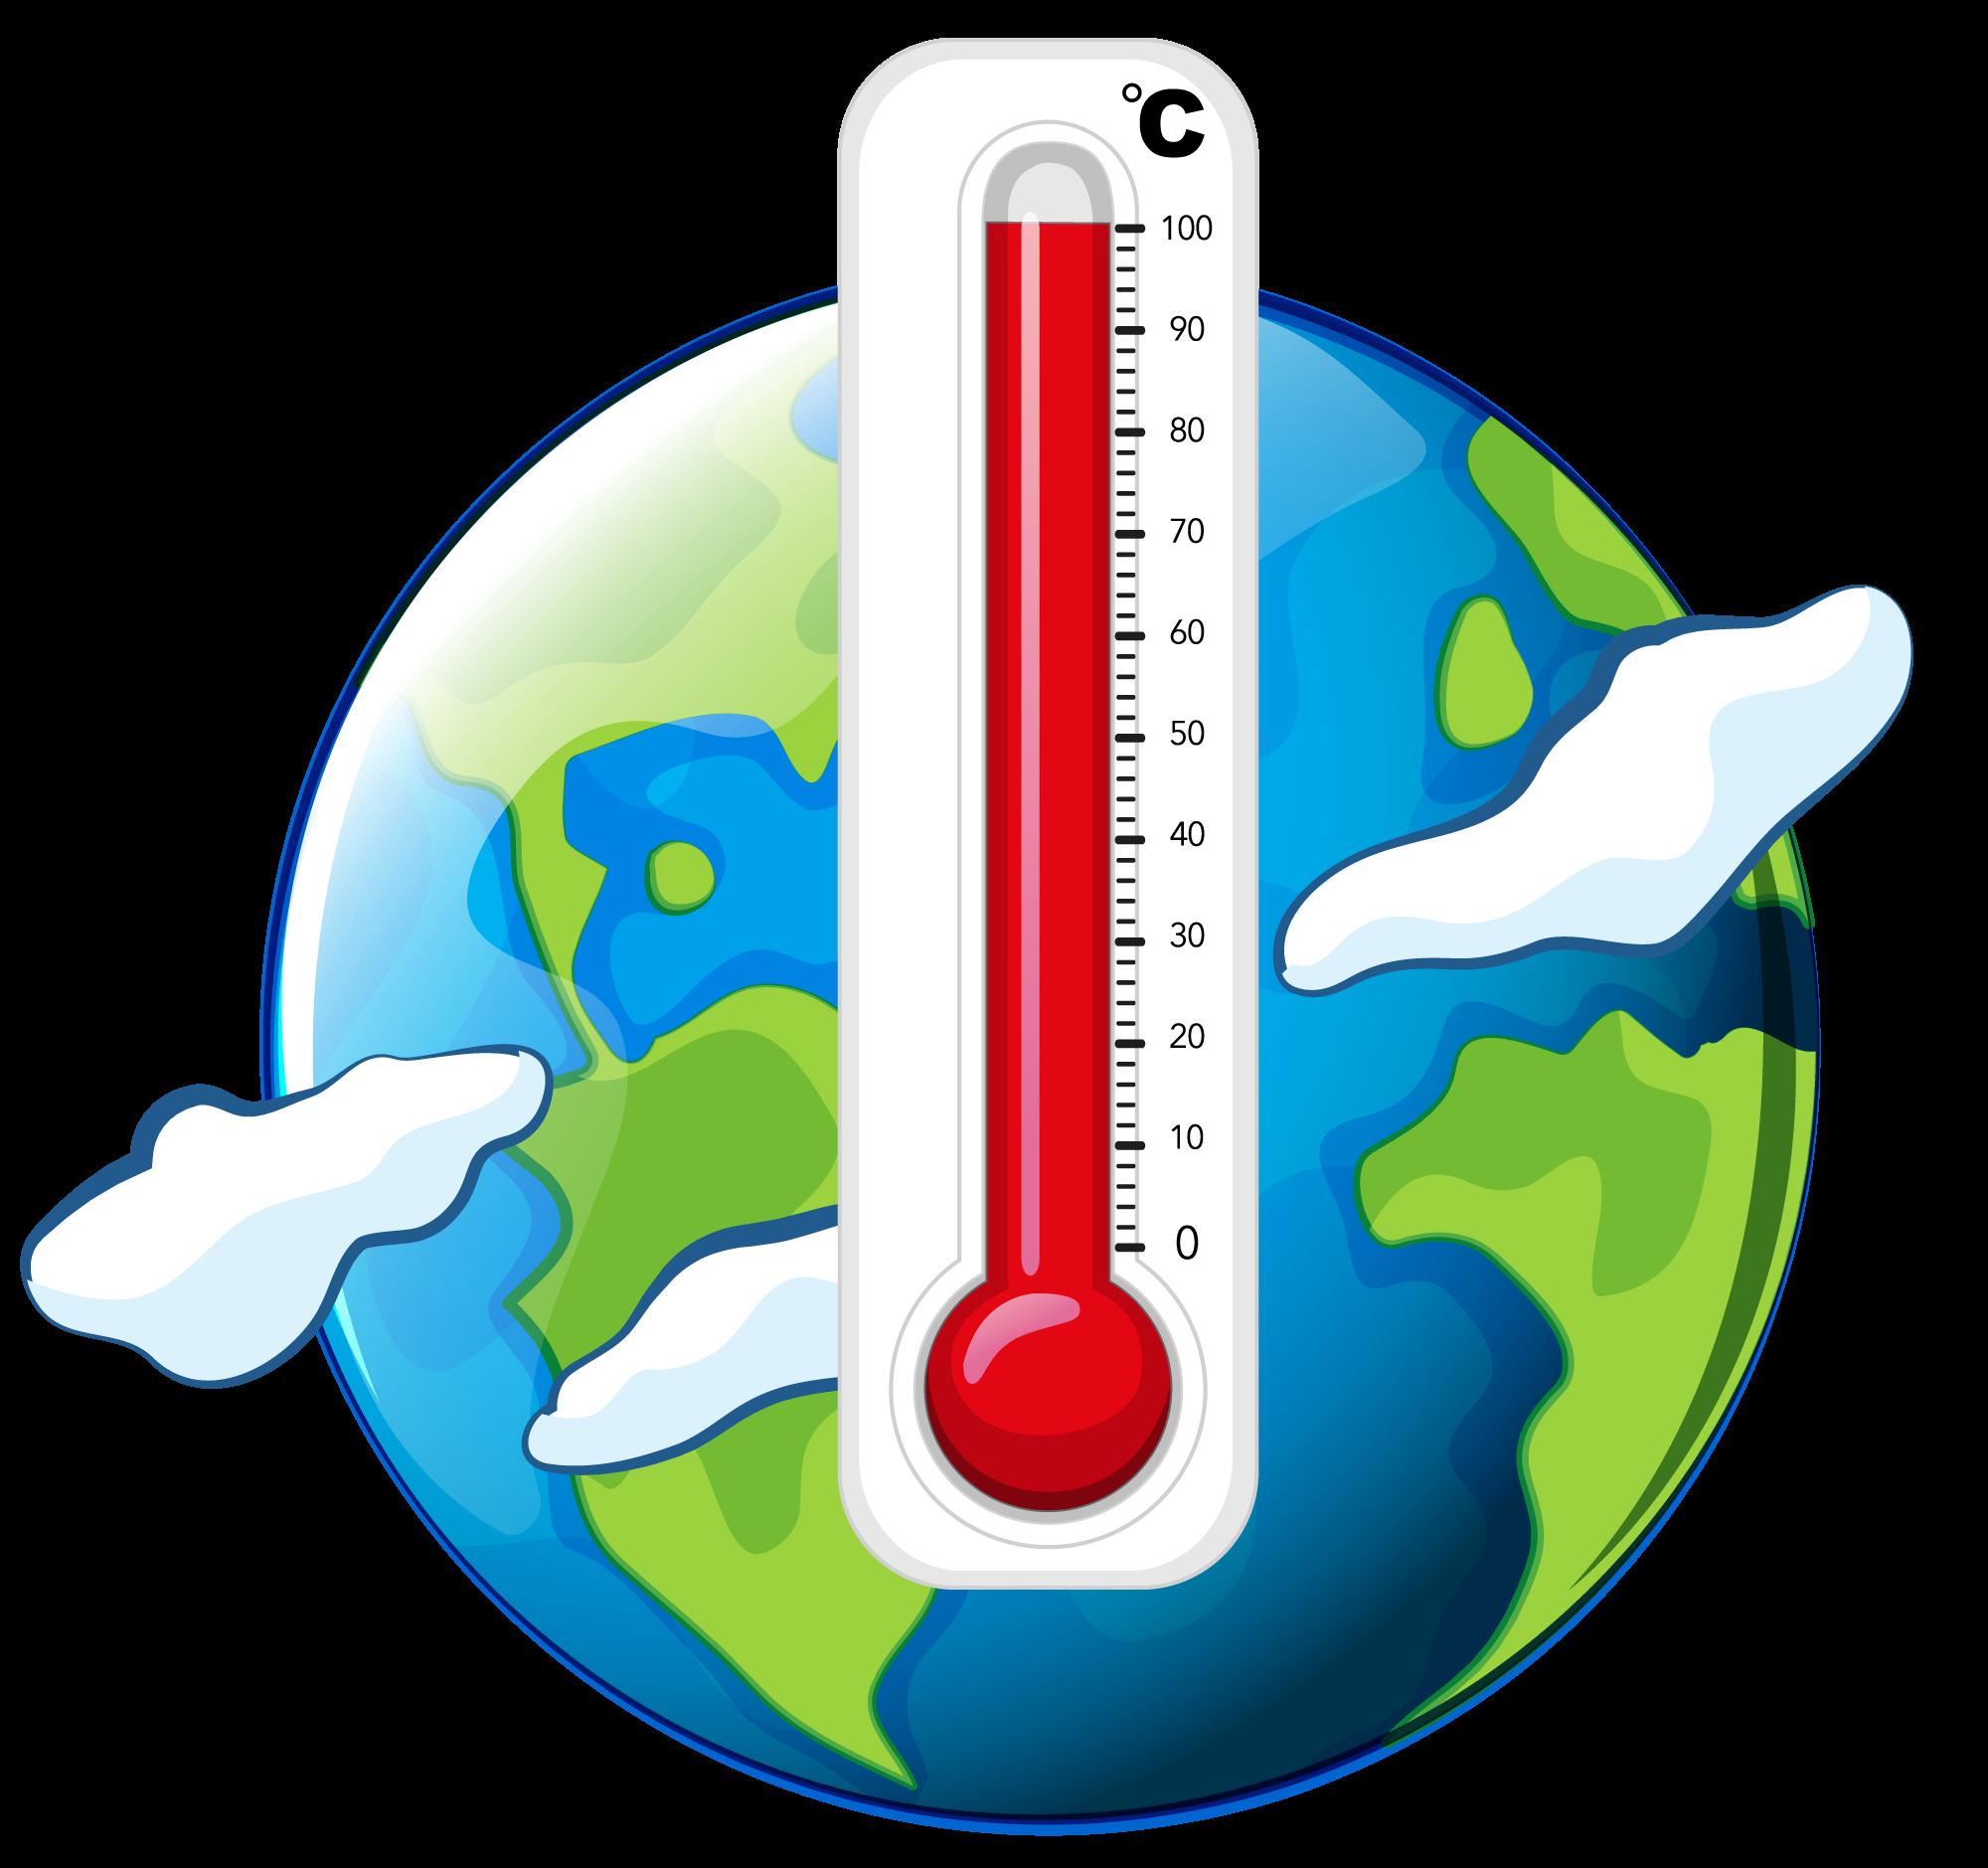 Incalzirea globala este o noua provocare a secolului in care traim.